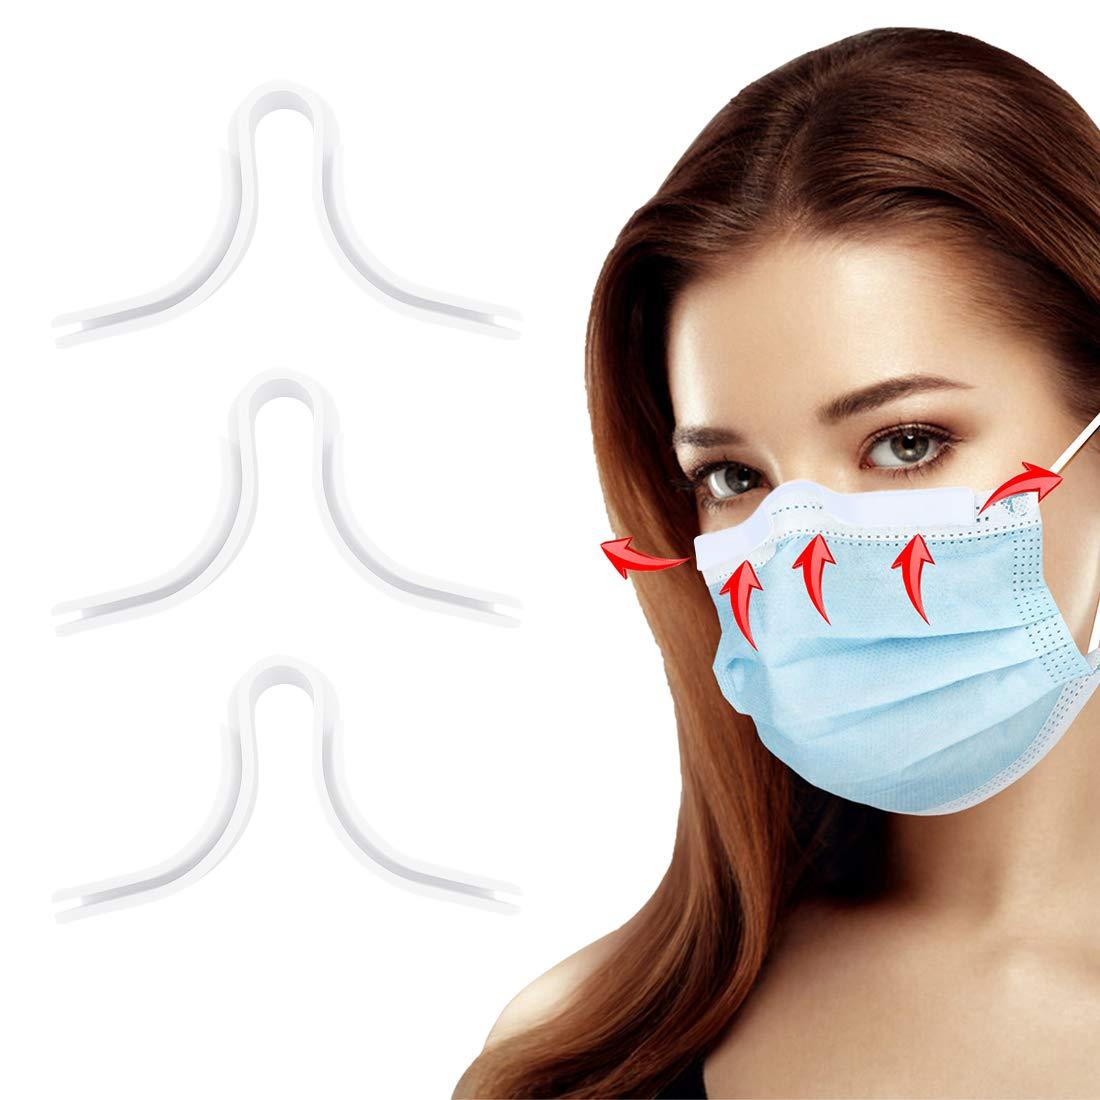 HSAJS Puente nasal para cubierta facial,Puente Nasal Antivaho de Silicona Reutilizable,Antiniebla, puente nasal, soporte para puente nasal, respiración más suave, antideslizante (Blanco)